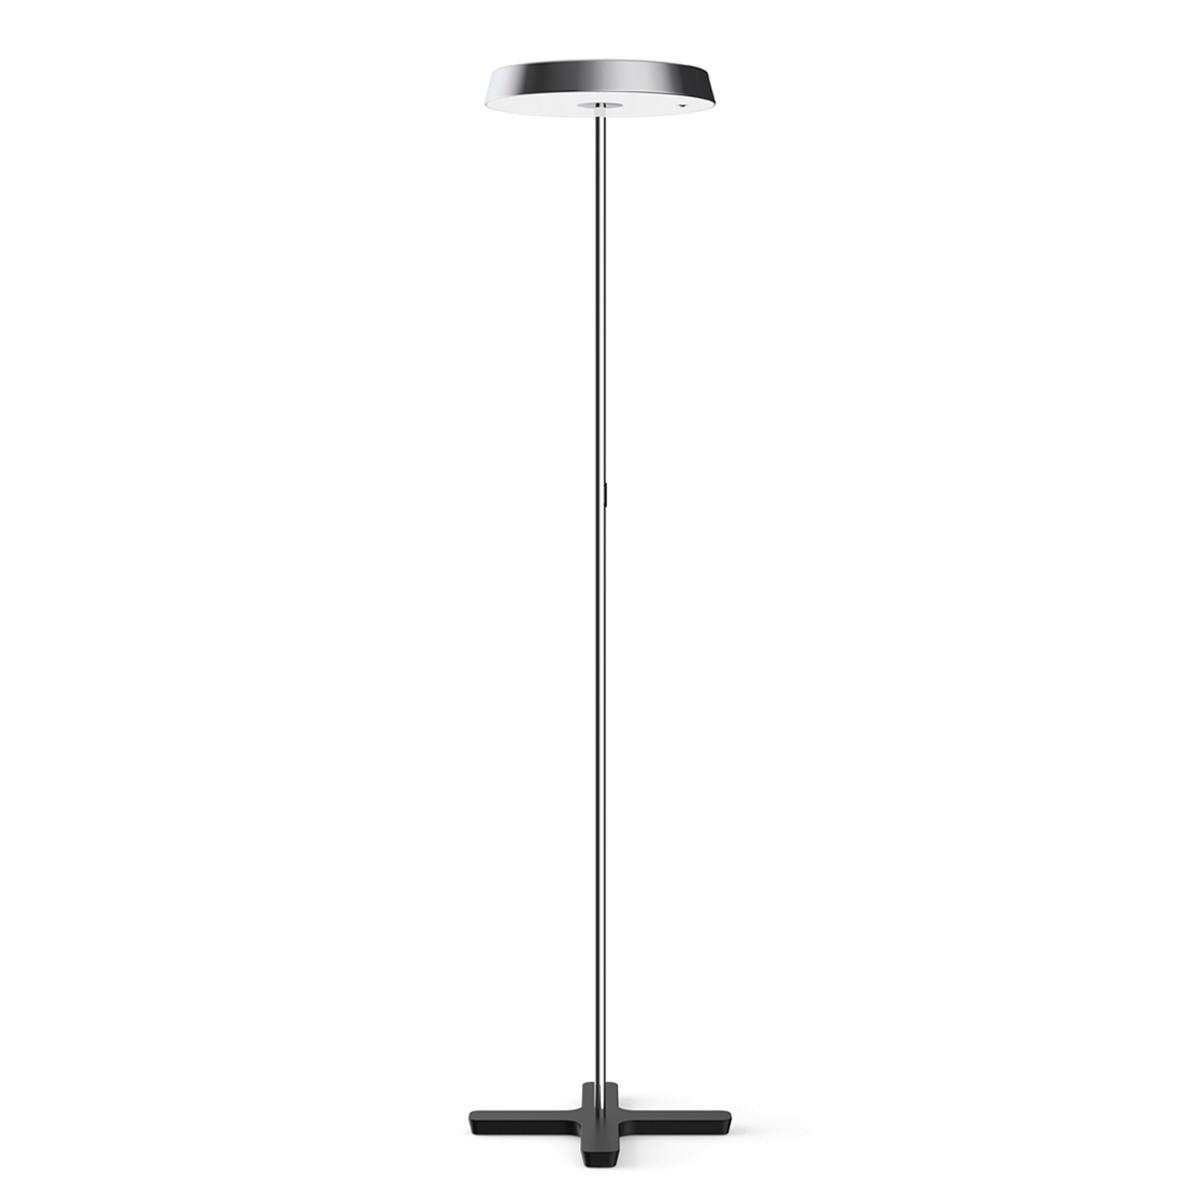 Belux Koi-S LED Stehleuchte, mit Dimmer, 3000K, Chrom / schwarz